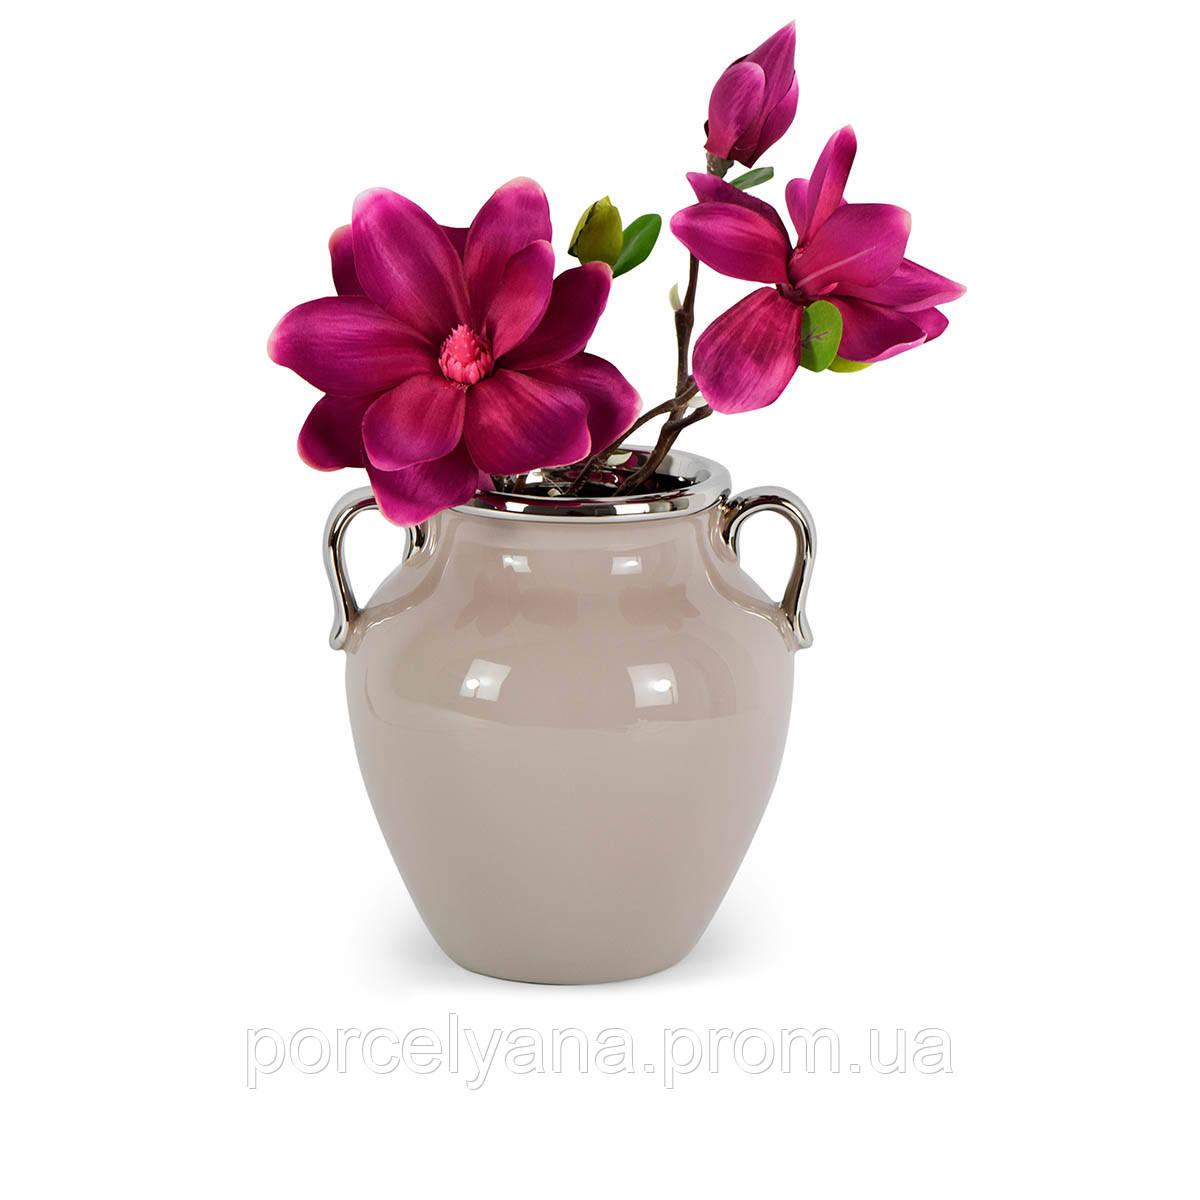 Керамическая ваза Amphora 210мм кофейная серебро